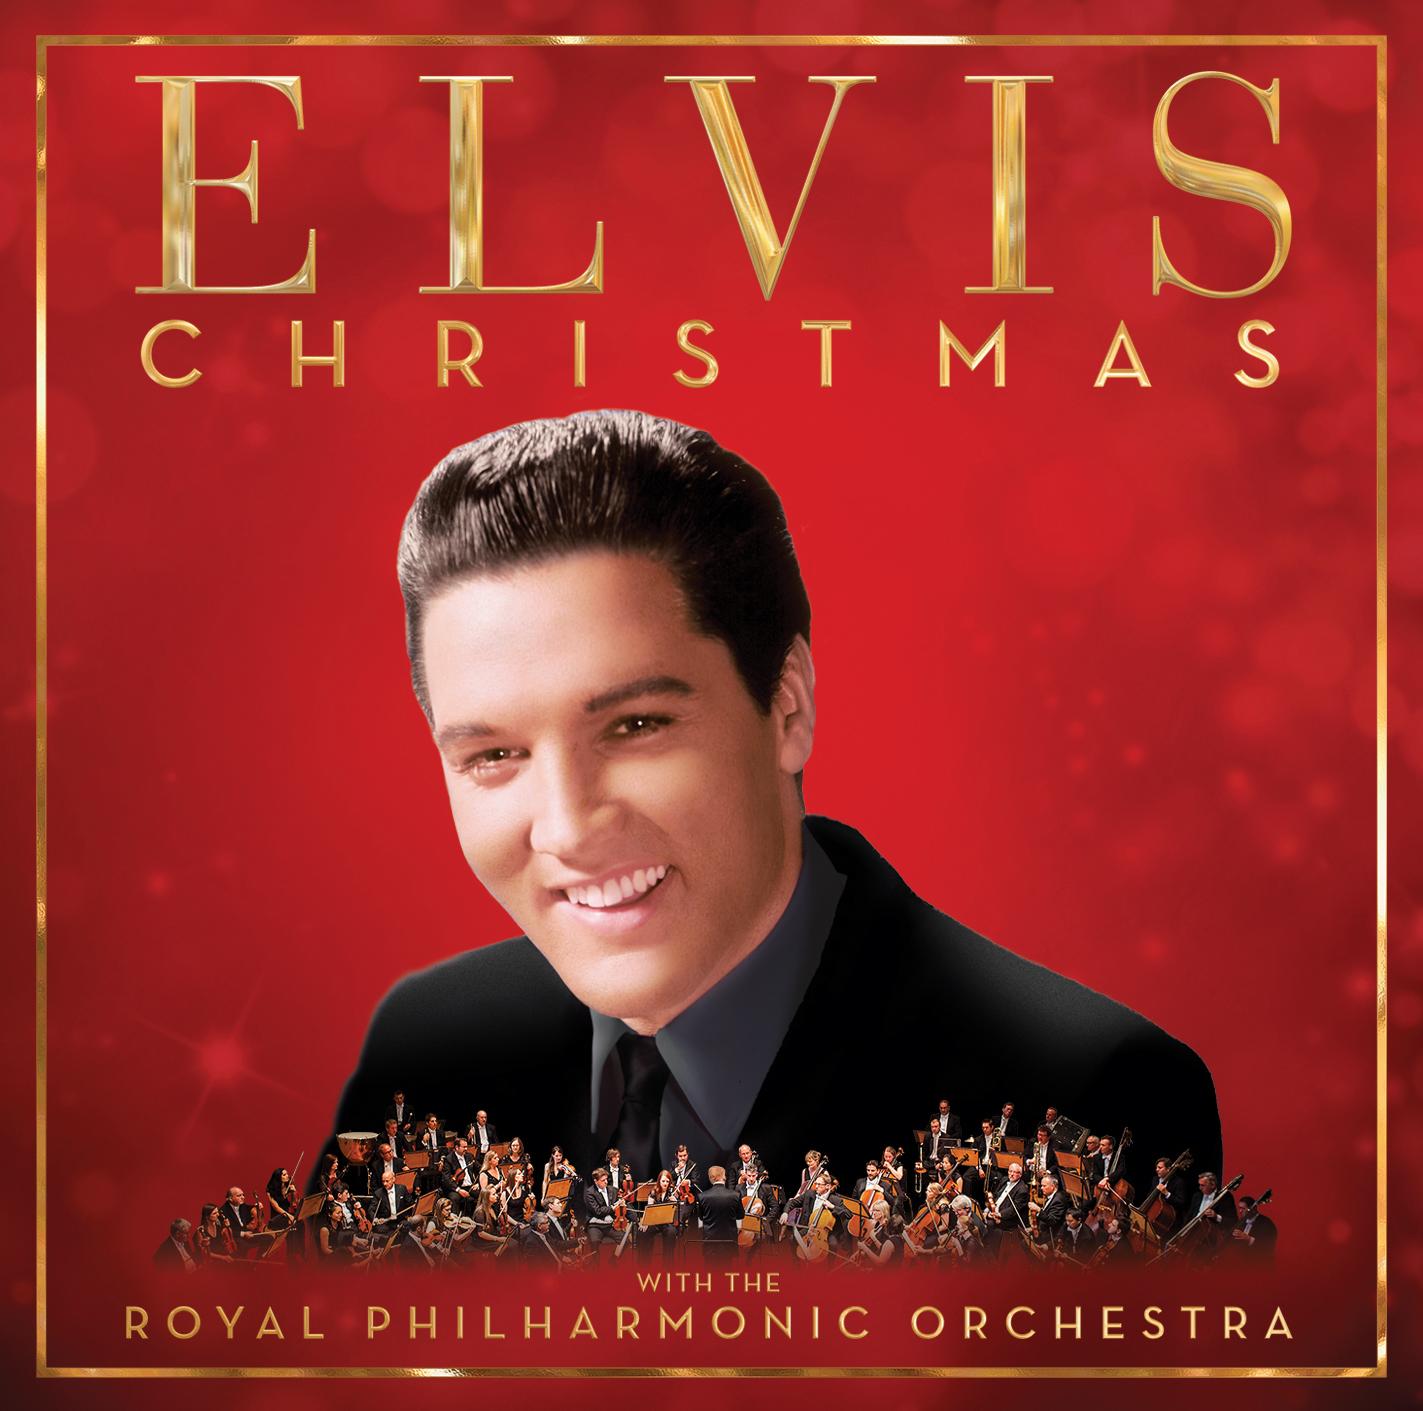 Элвис Пресли,The Royal Philharmonic Orchestra Elvis Presley, The Royal Philharmonic Orchestra. Christmas With Elvis Presley And The Royal Philharmonic Orchestra. Deluxe Edition цена и фото